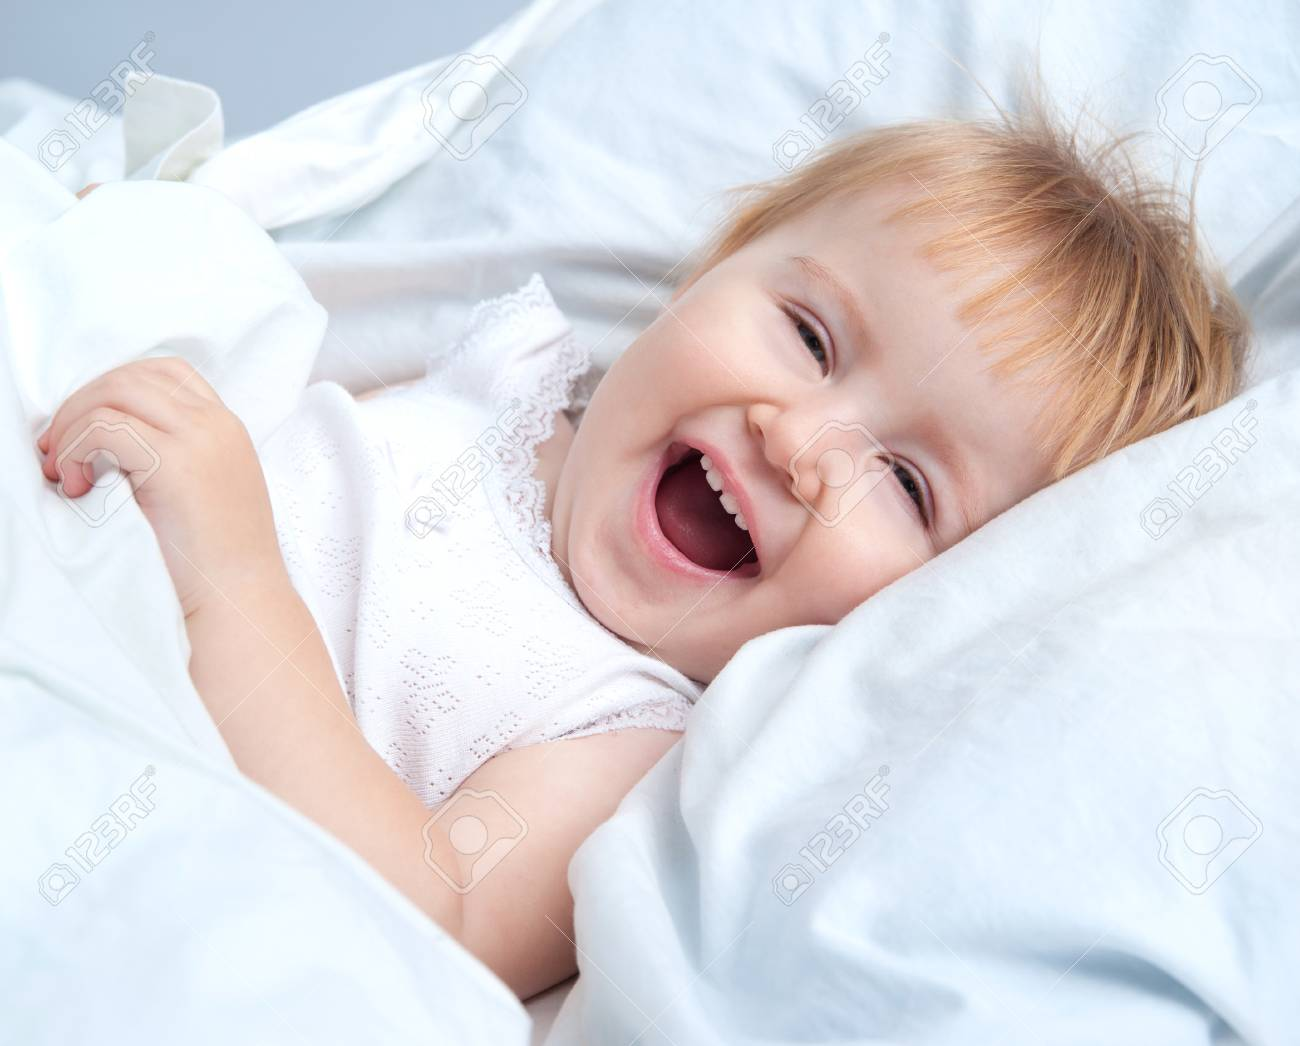 Hermoso Bebé Acostado En Una Cama Y Sonriendo Fotos, Retratos ...